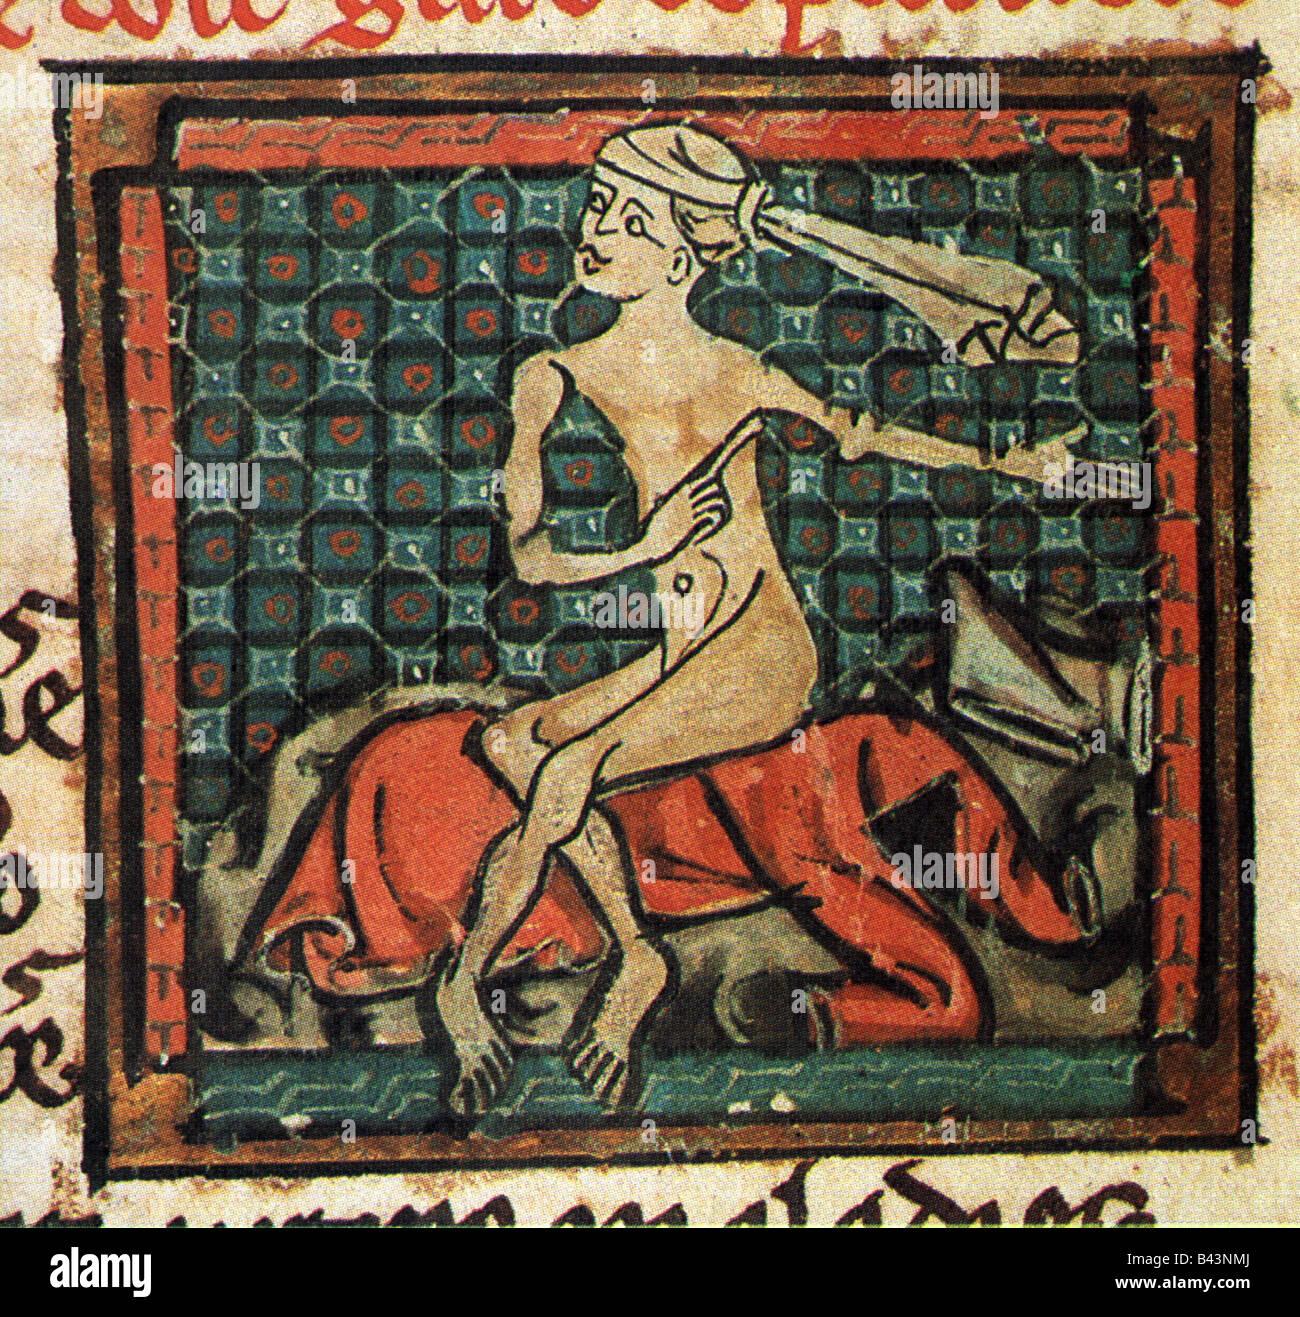 Plague Middle Ages